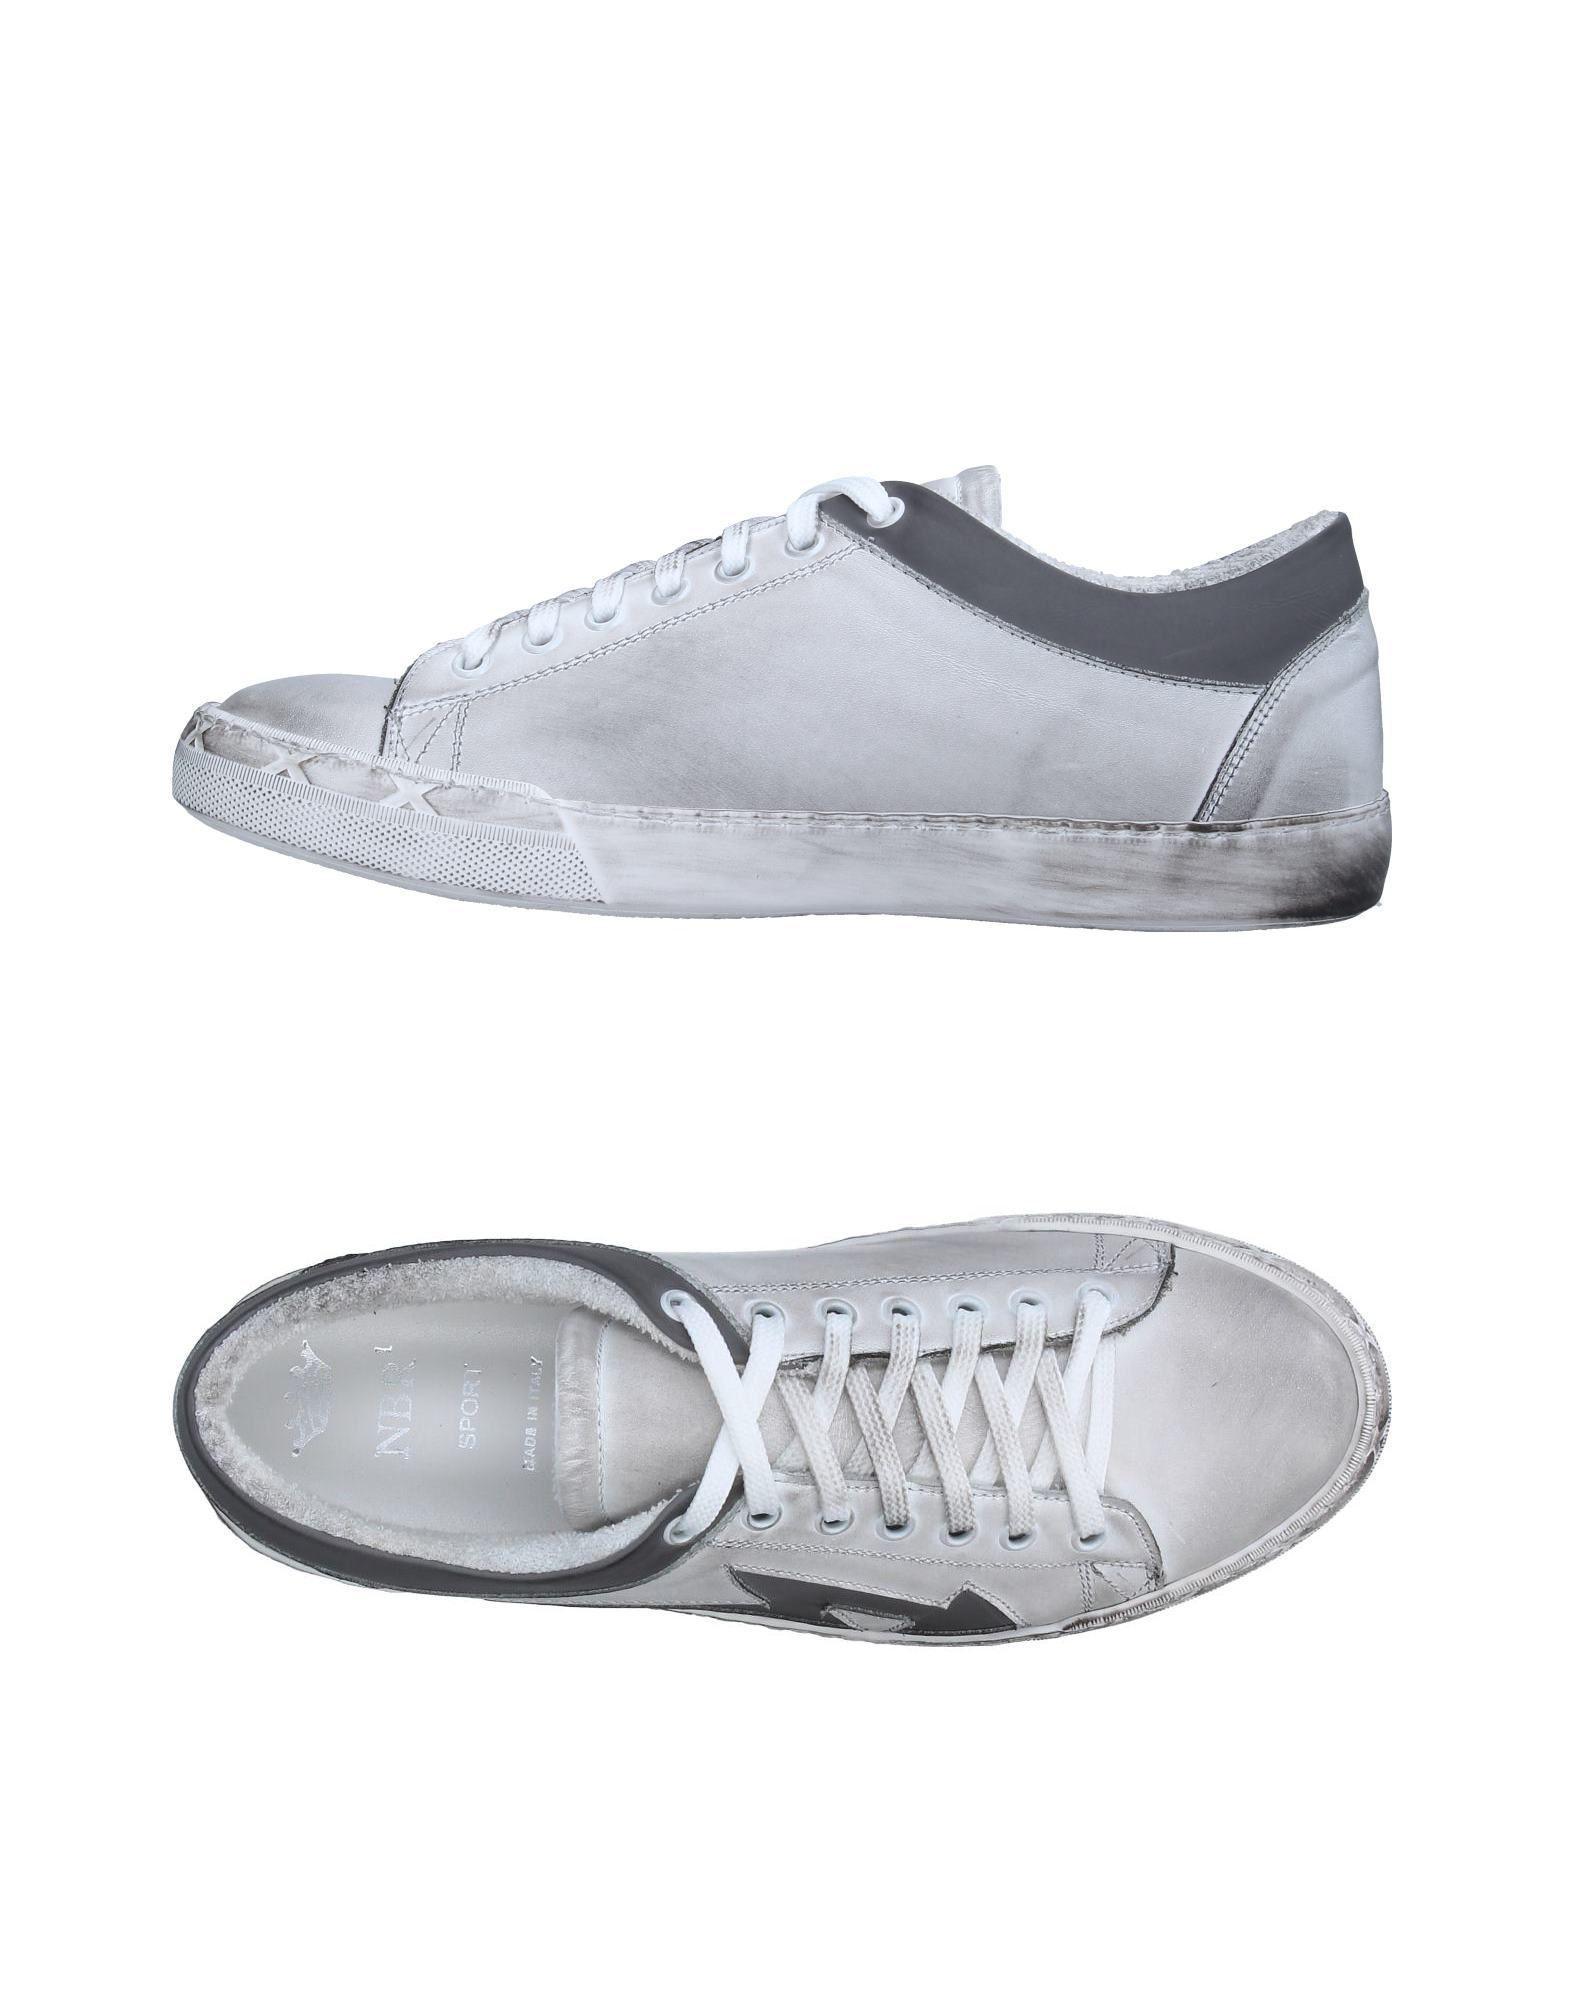 Chaussures - Bas-tops Et Baskets Nbr¹ P1NoMSM